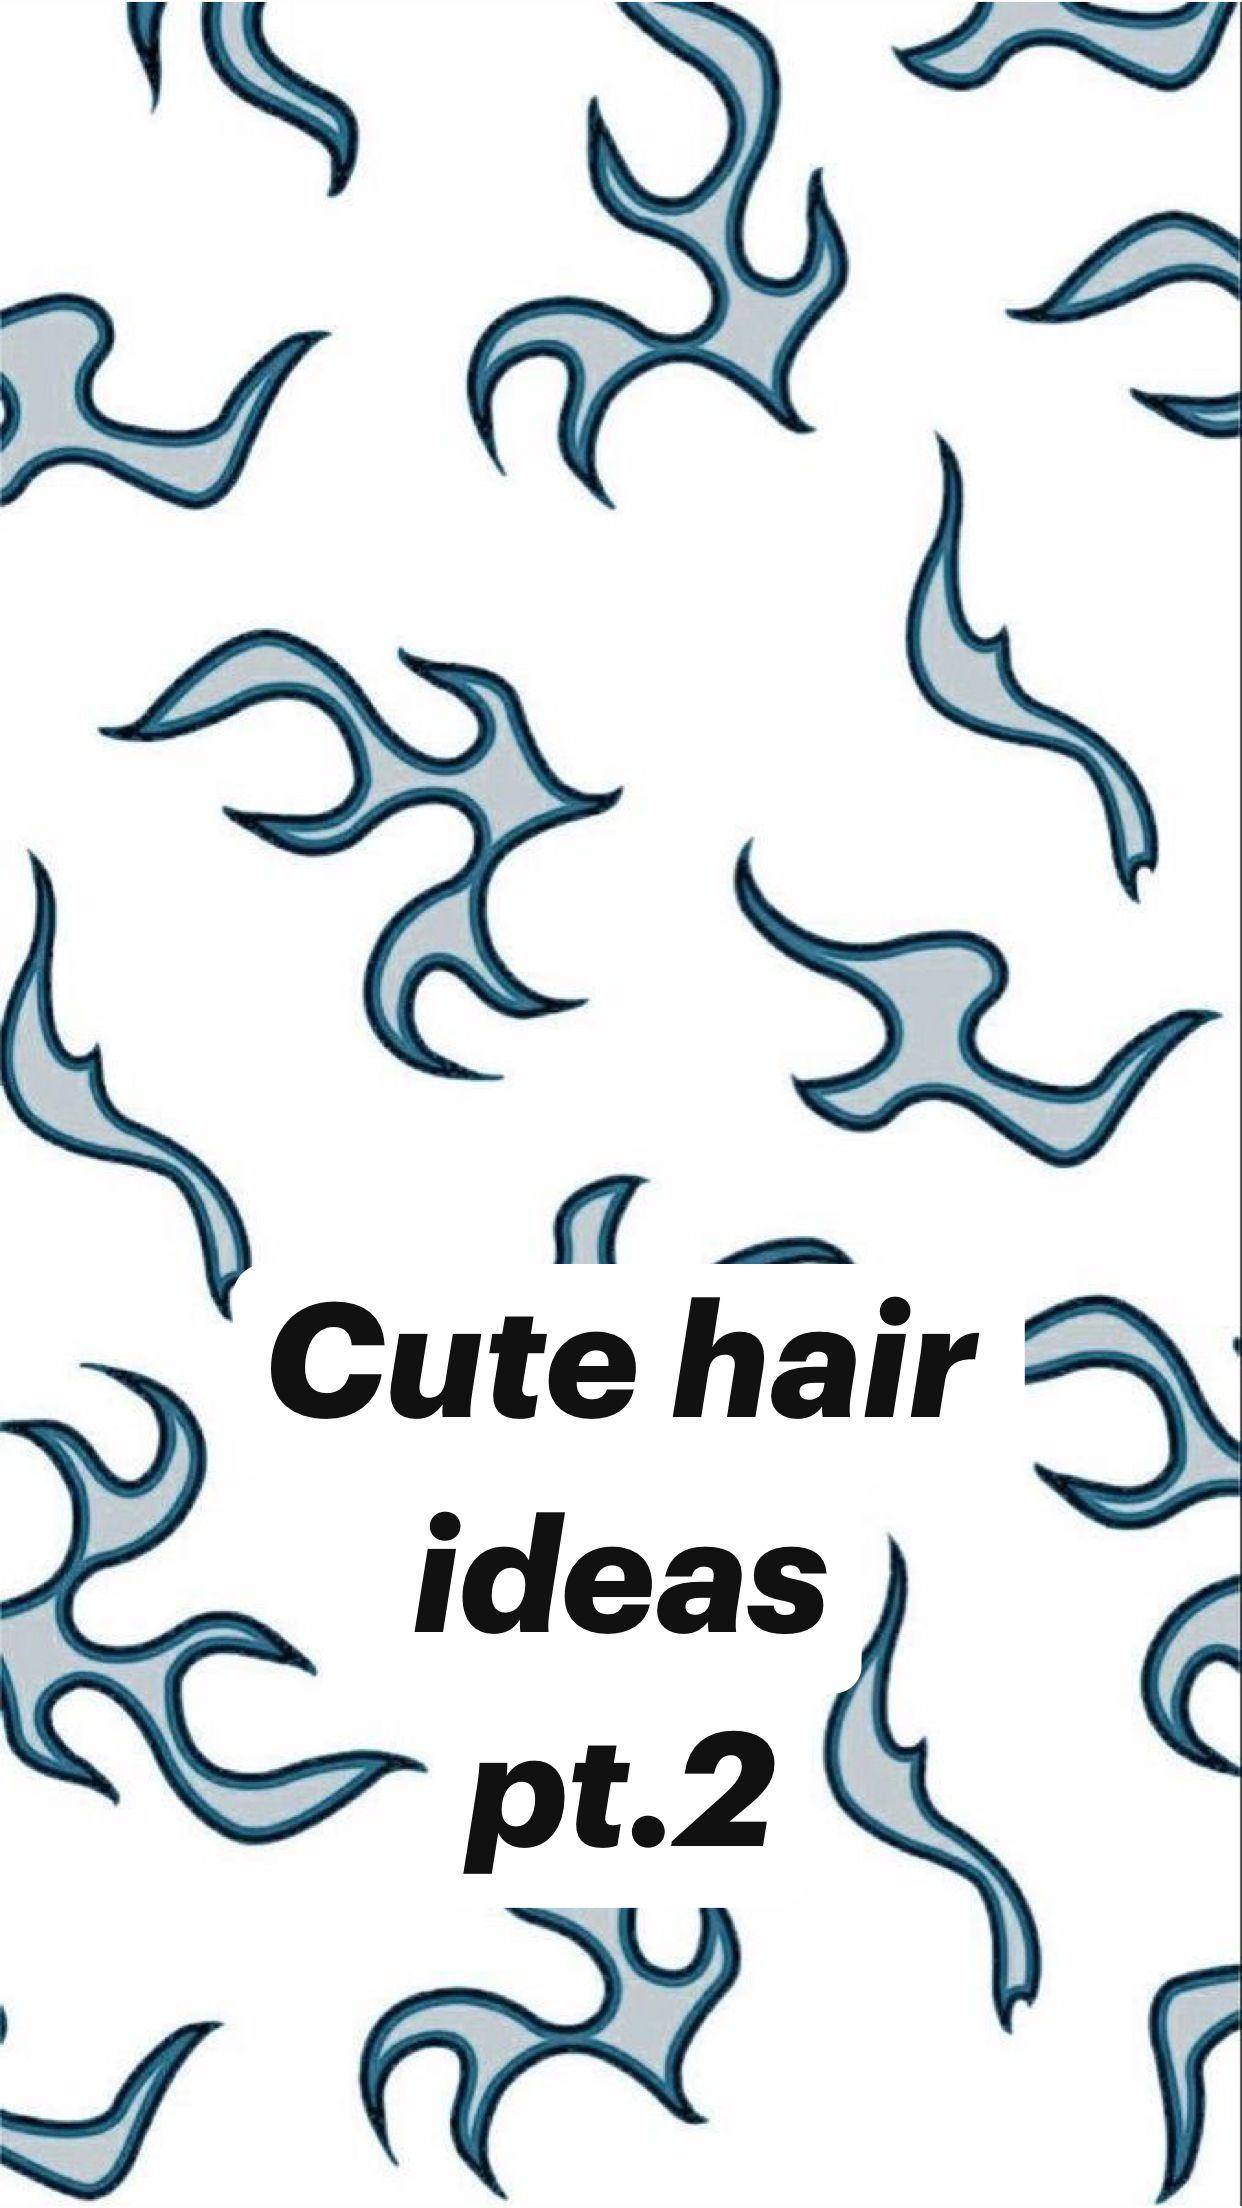 Cute hair ideas pt.2